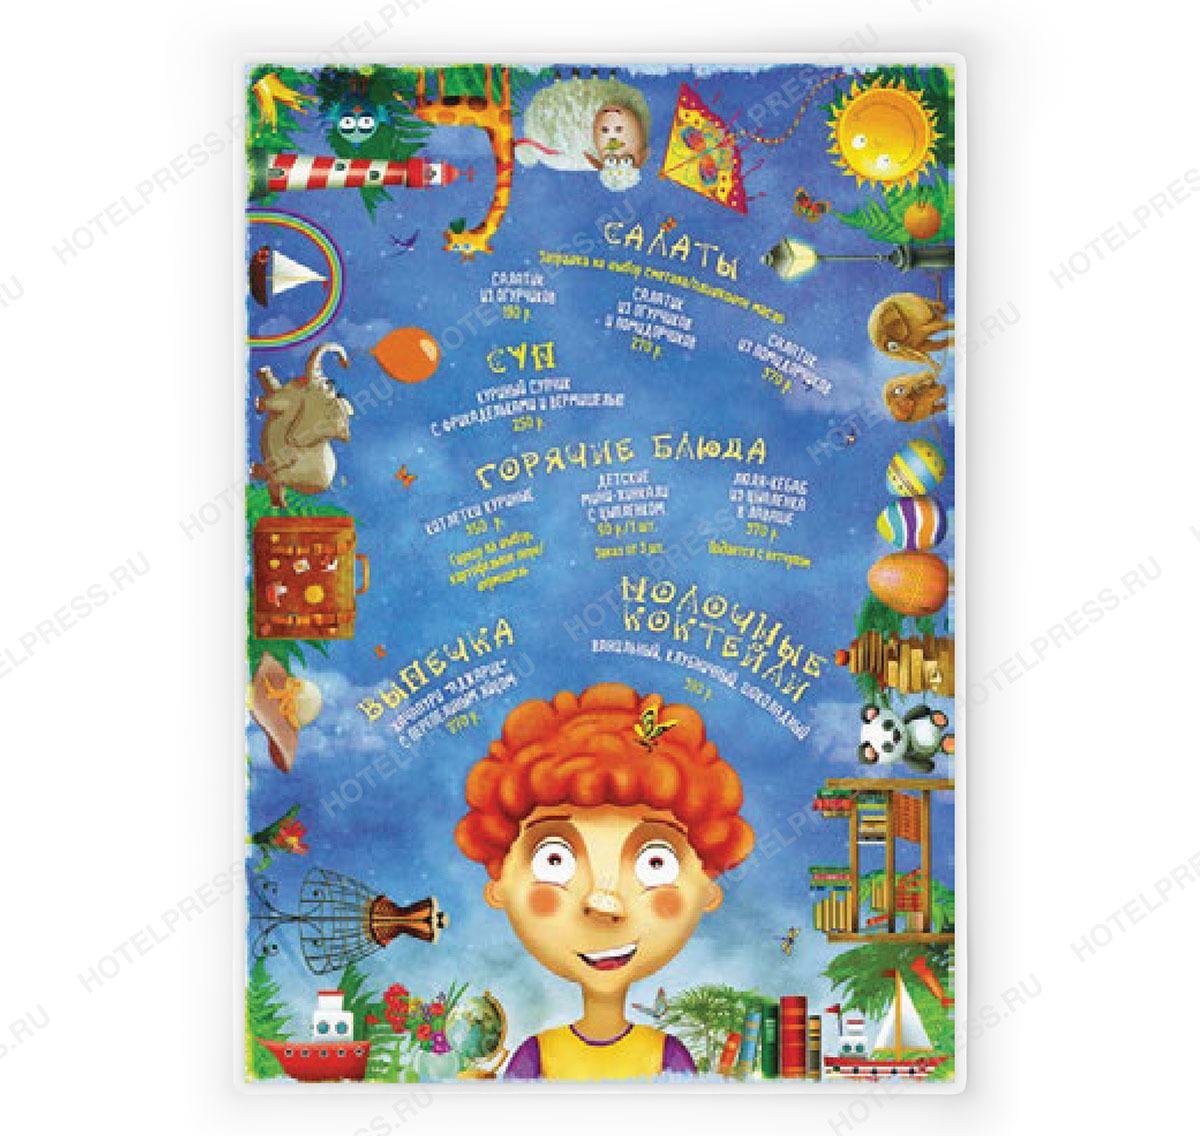 Детское меню из синтетической бумаги